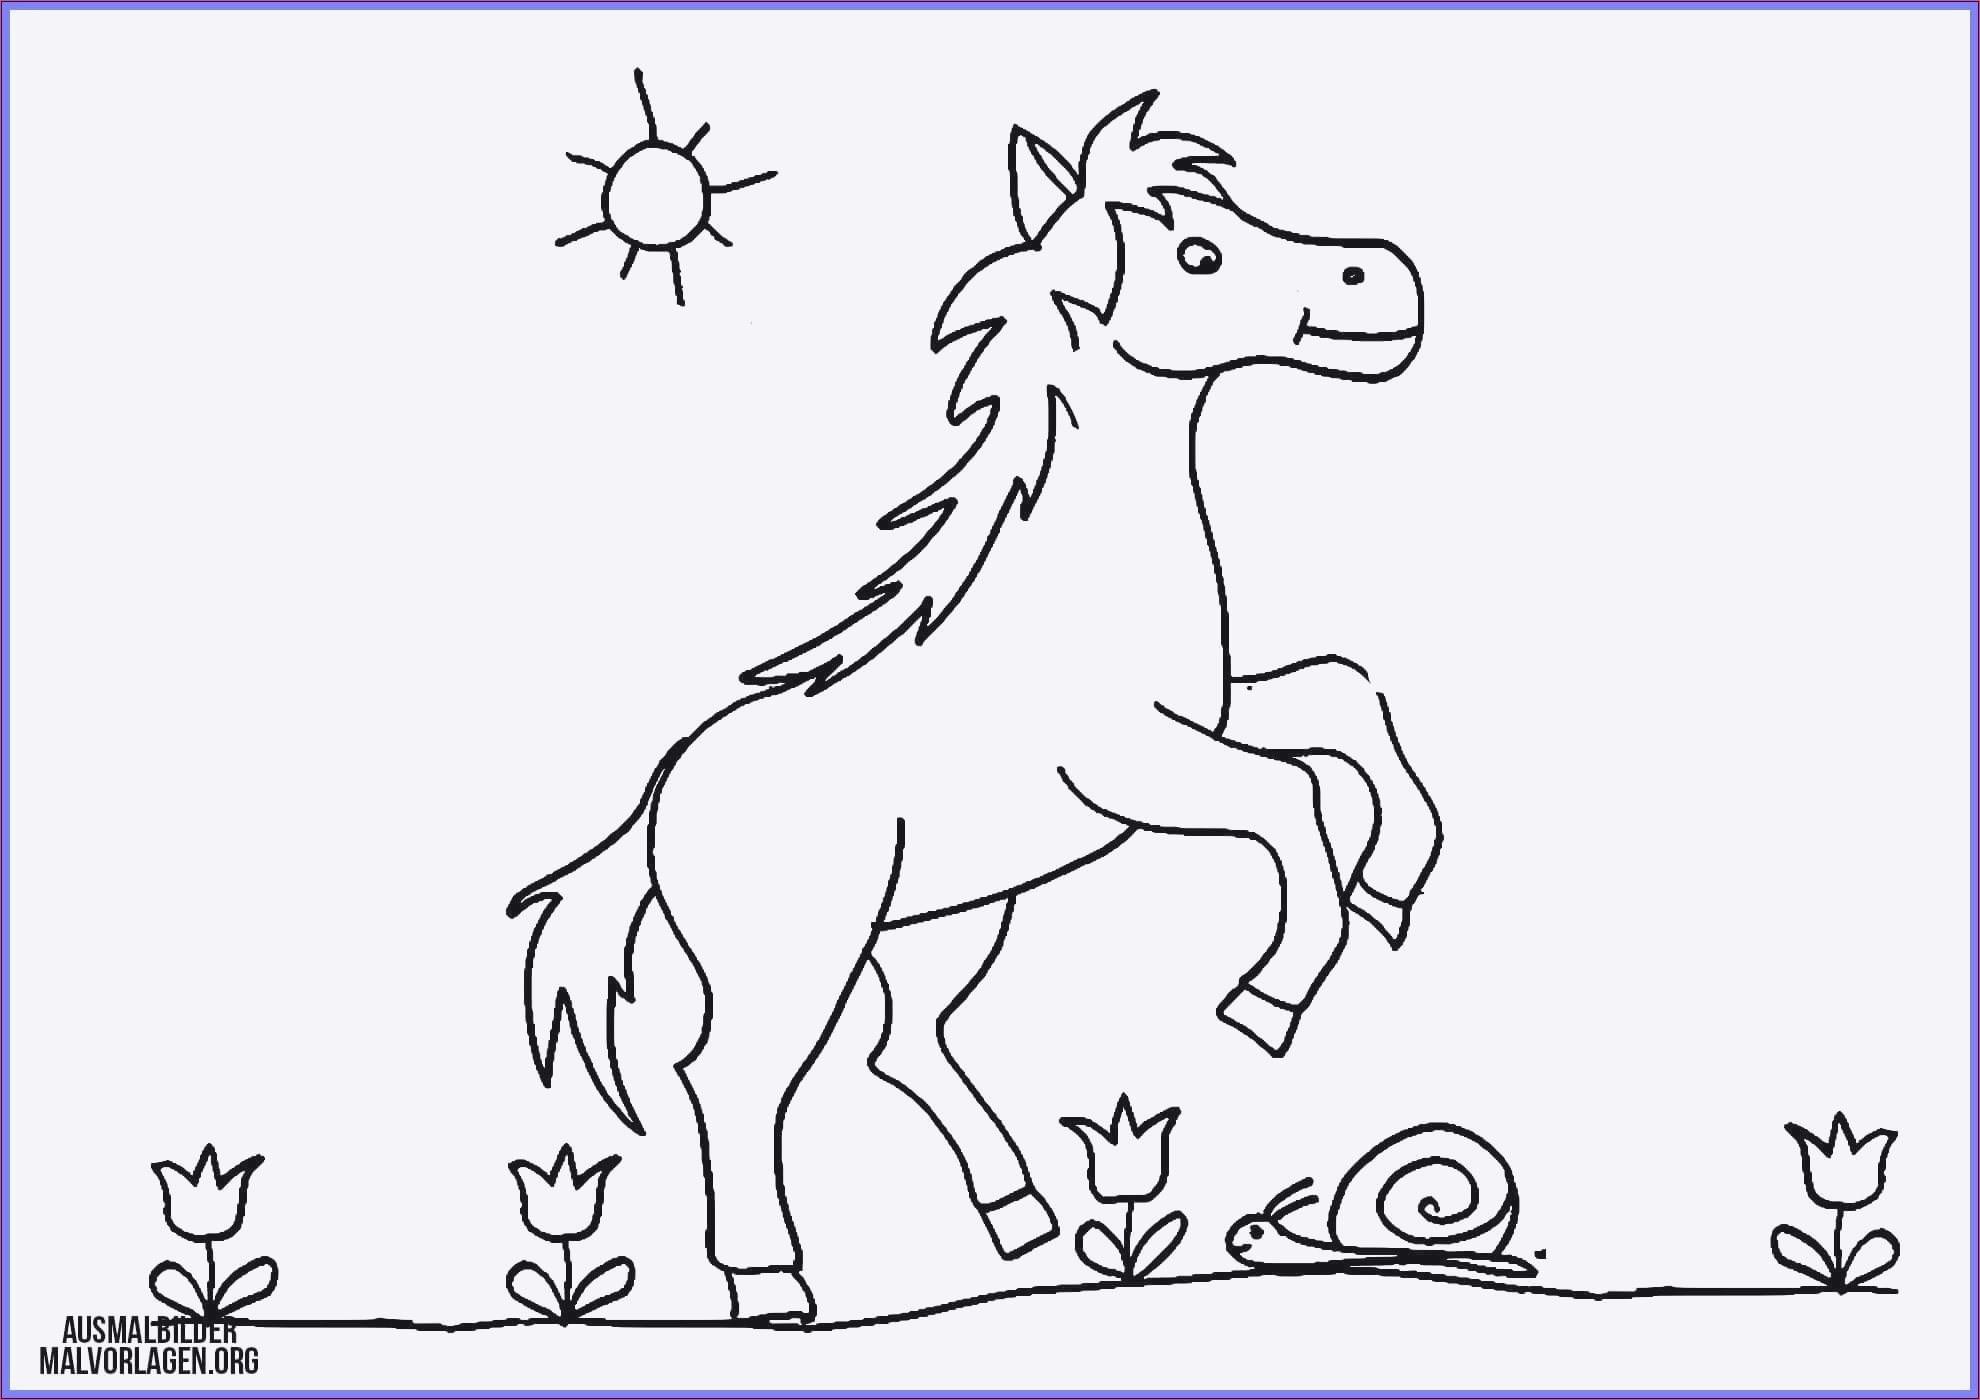 10 Plagen Ausmalbilder Genial Malvorlagen Pferde Einfach Malvorlagen Pferde Pdf Zum Drucken Schön Bild